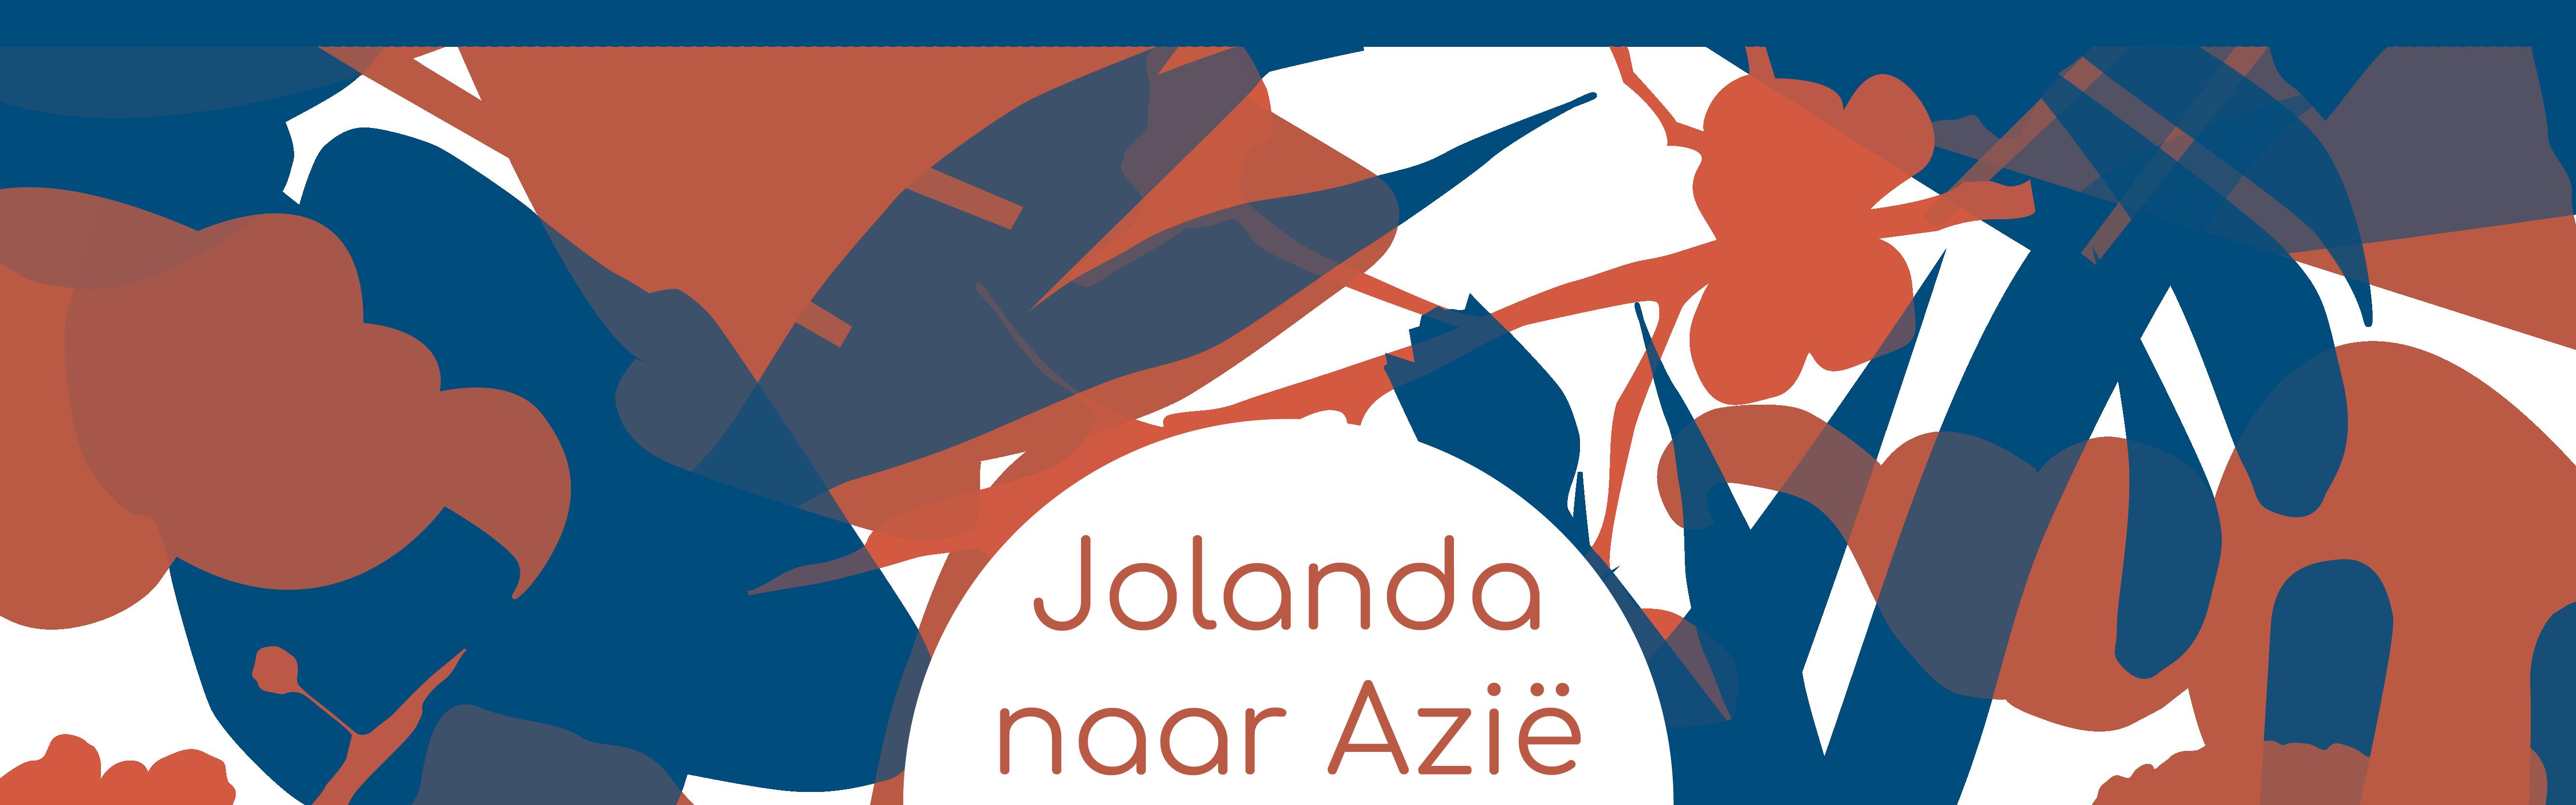 Travel Newsletter Jolanda to Asia 02 - Banner header - studio katipeifer